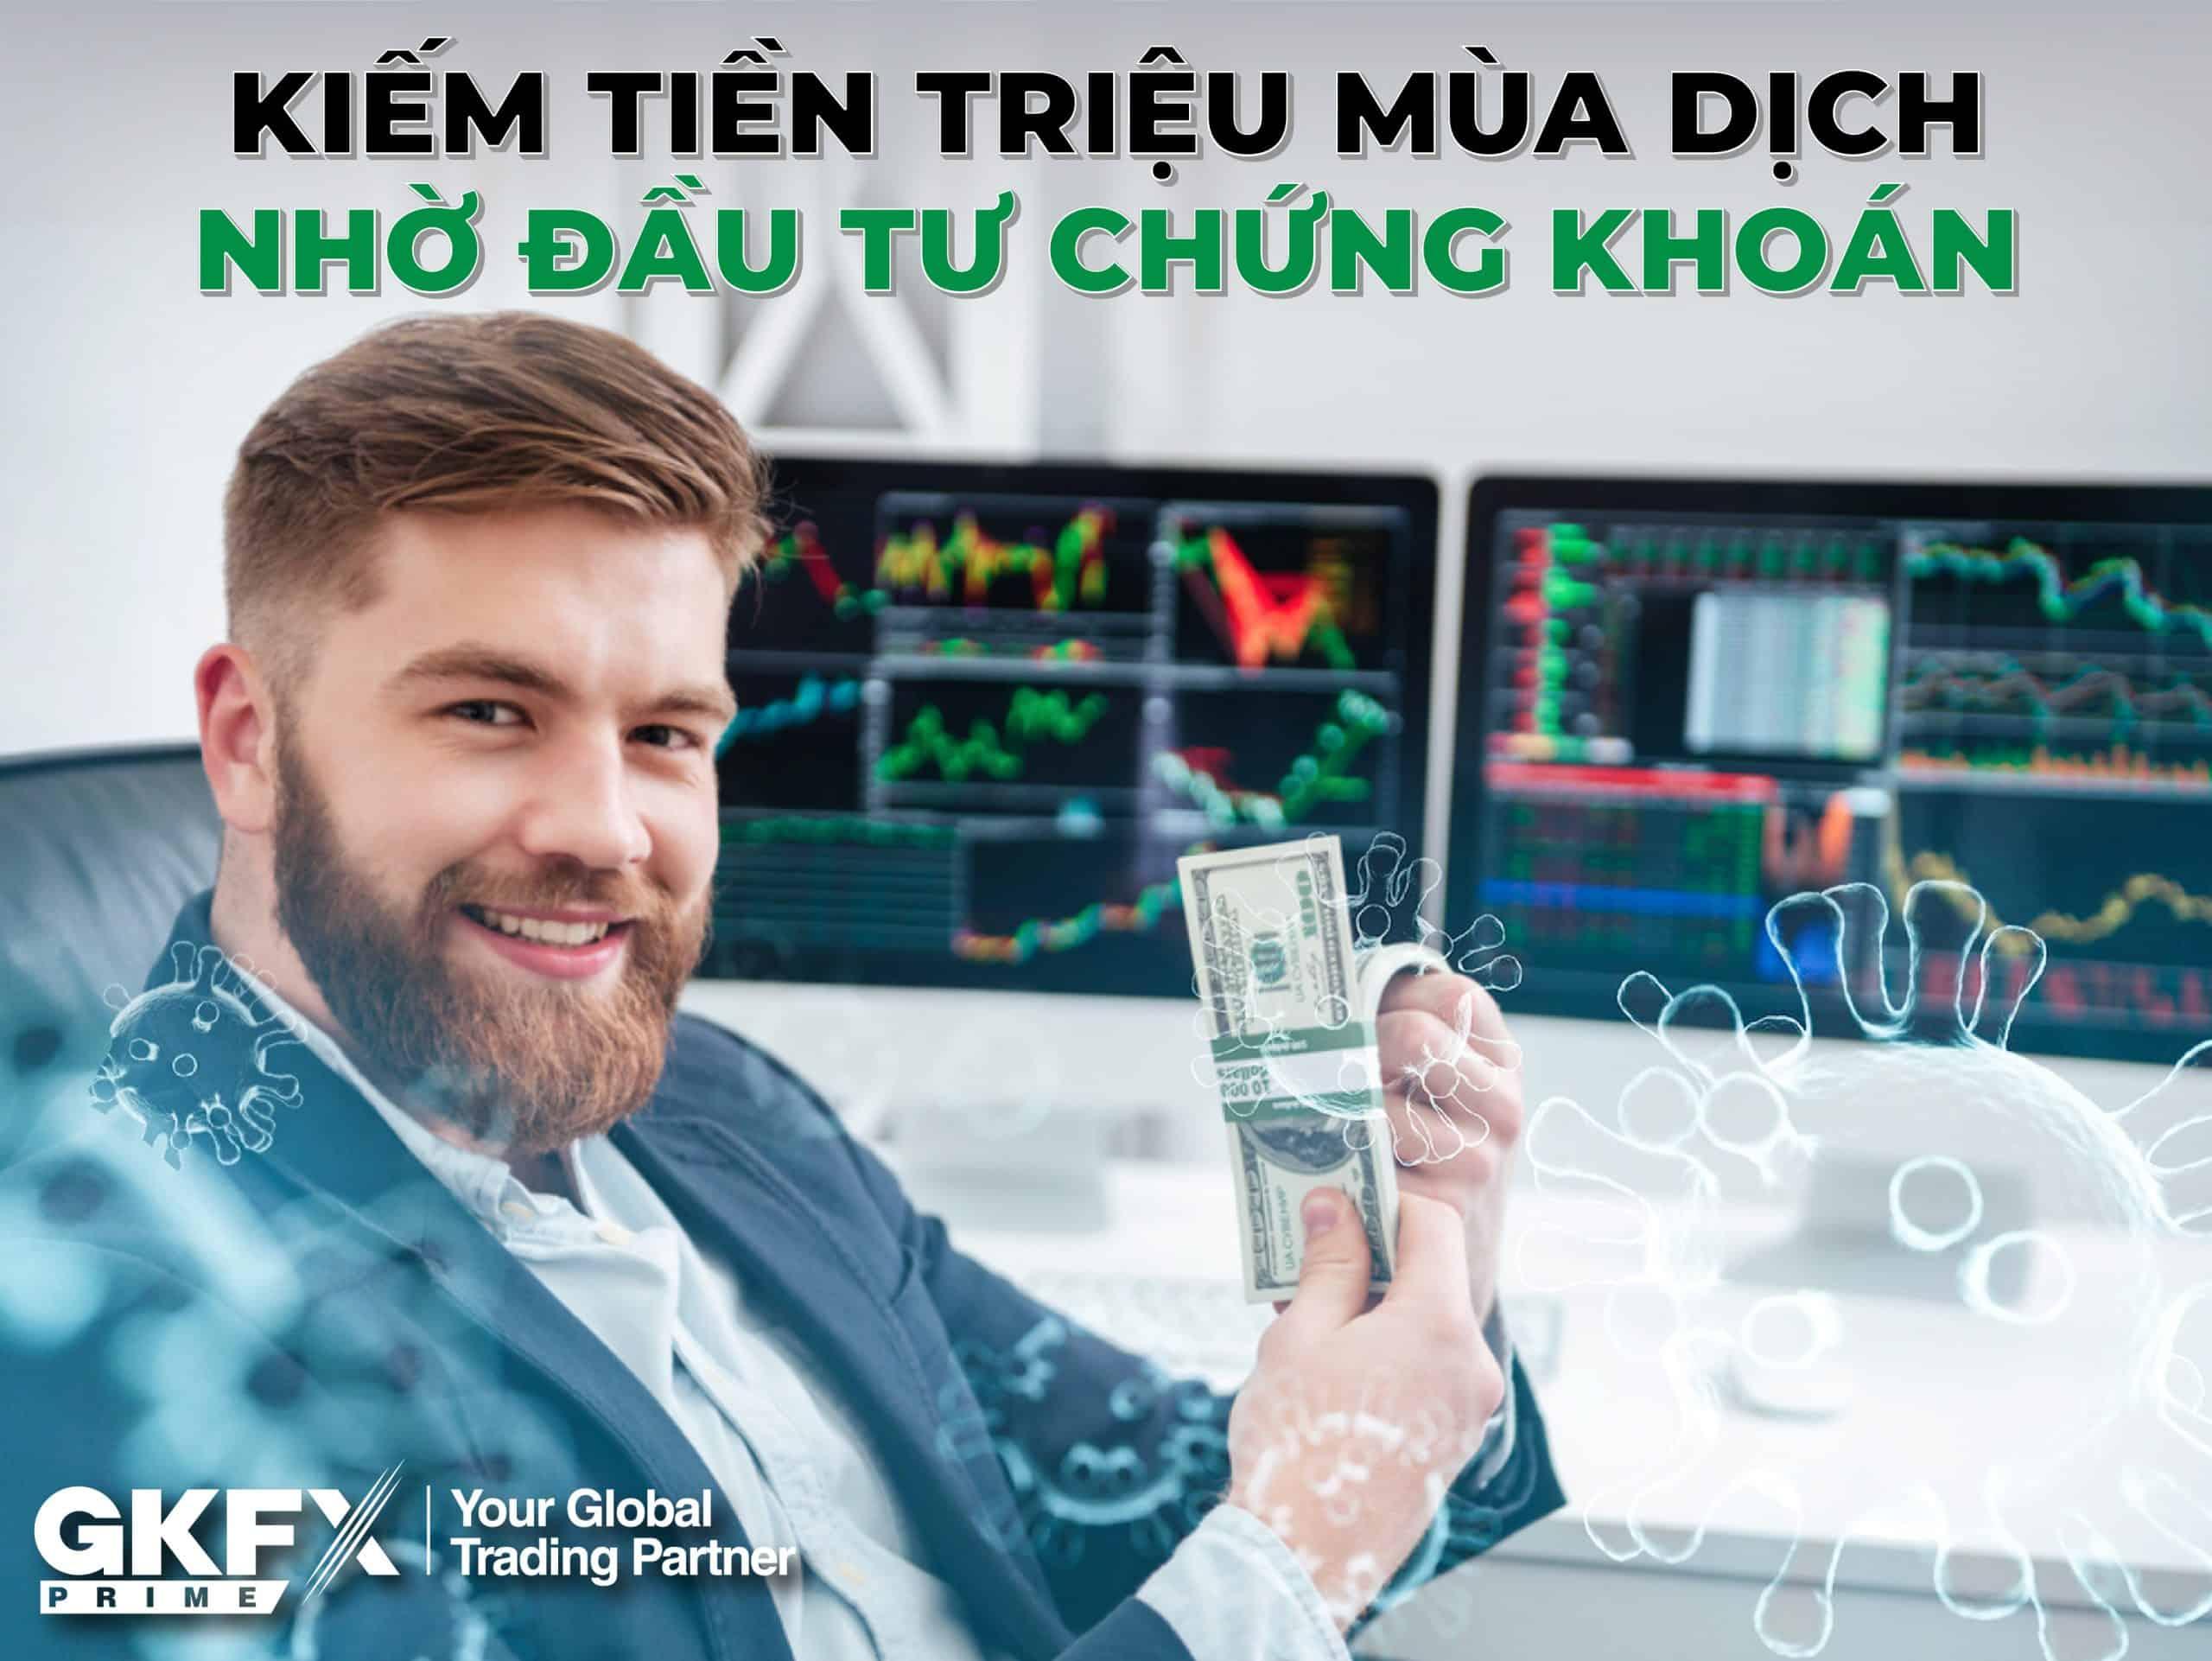 Kiếm Tiền Triệu Trong Mùa Dịch Nhờ Chứng Khoán Quốc Tế - Topbrokervn.com